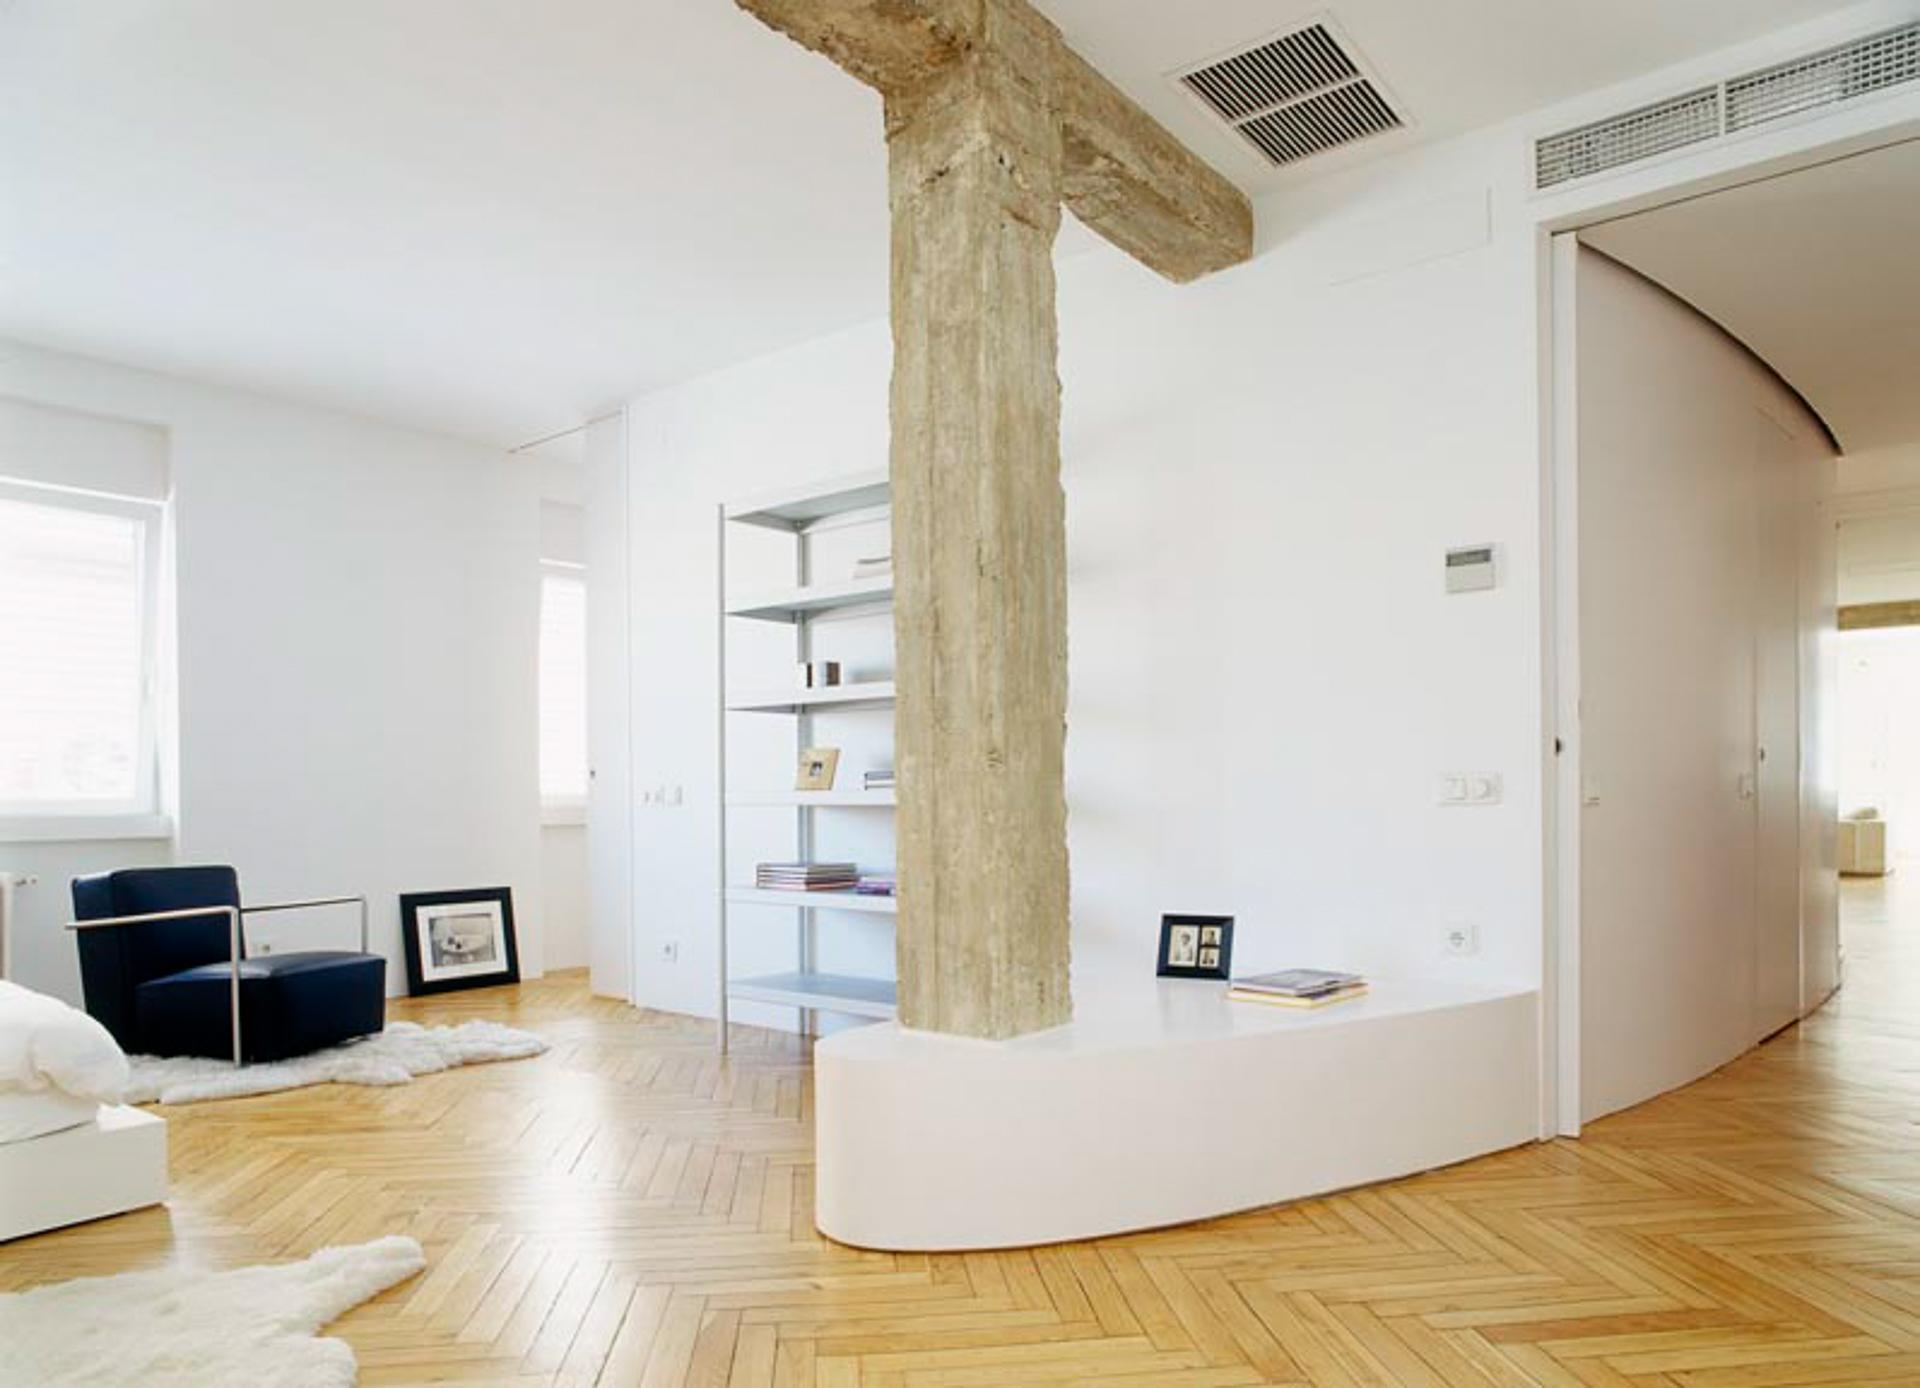 GranVia_Maroto_Ibañez_arquitectos03